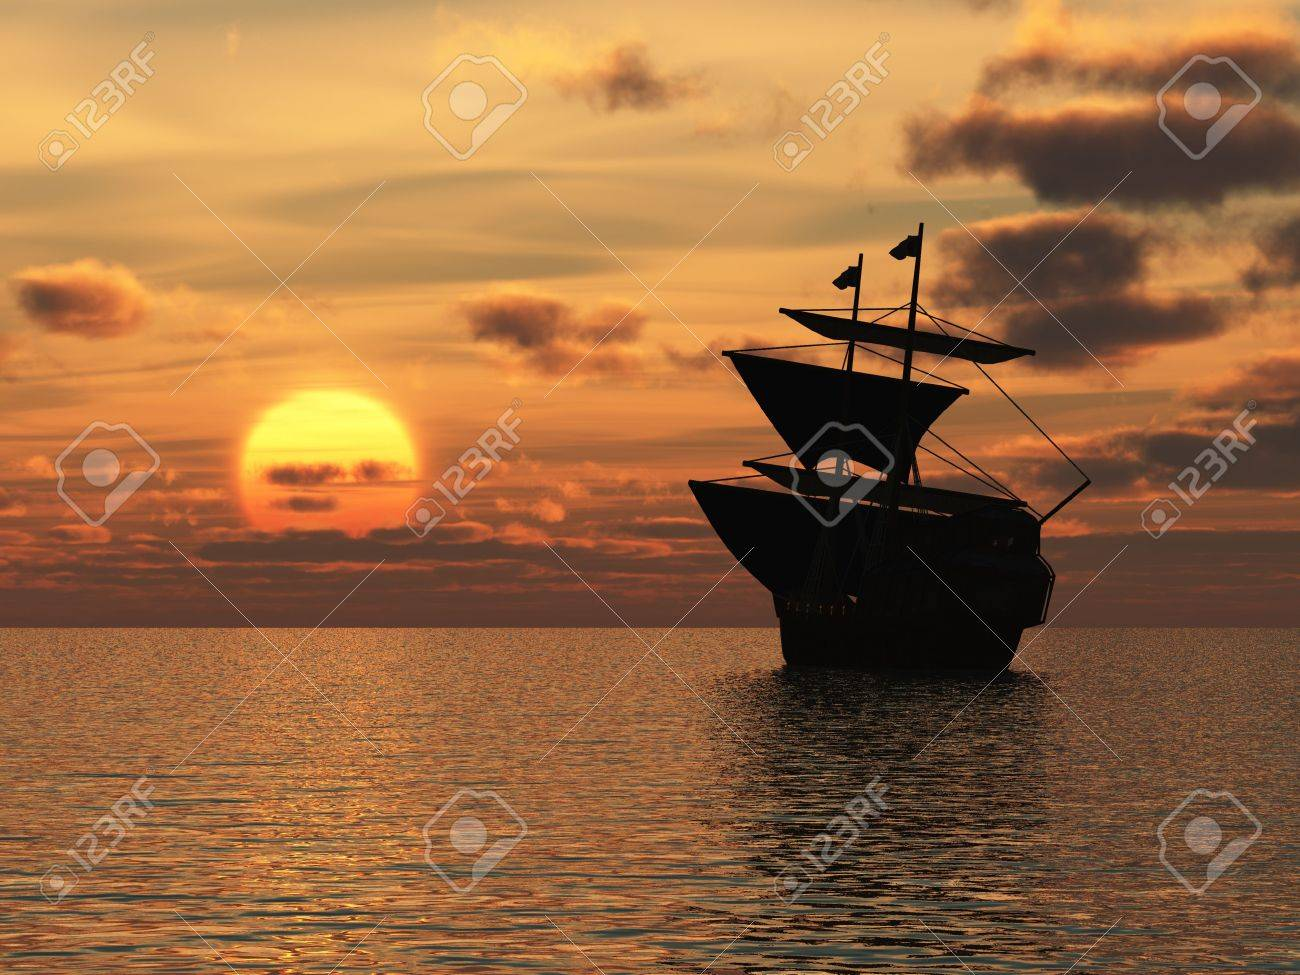 Segeln sonnenuntergang  Das Schiff In Sonnenuntergang. Eine Schwimmende Schiff Segeln Auf ...